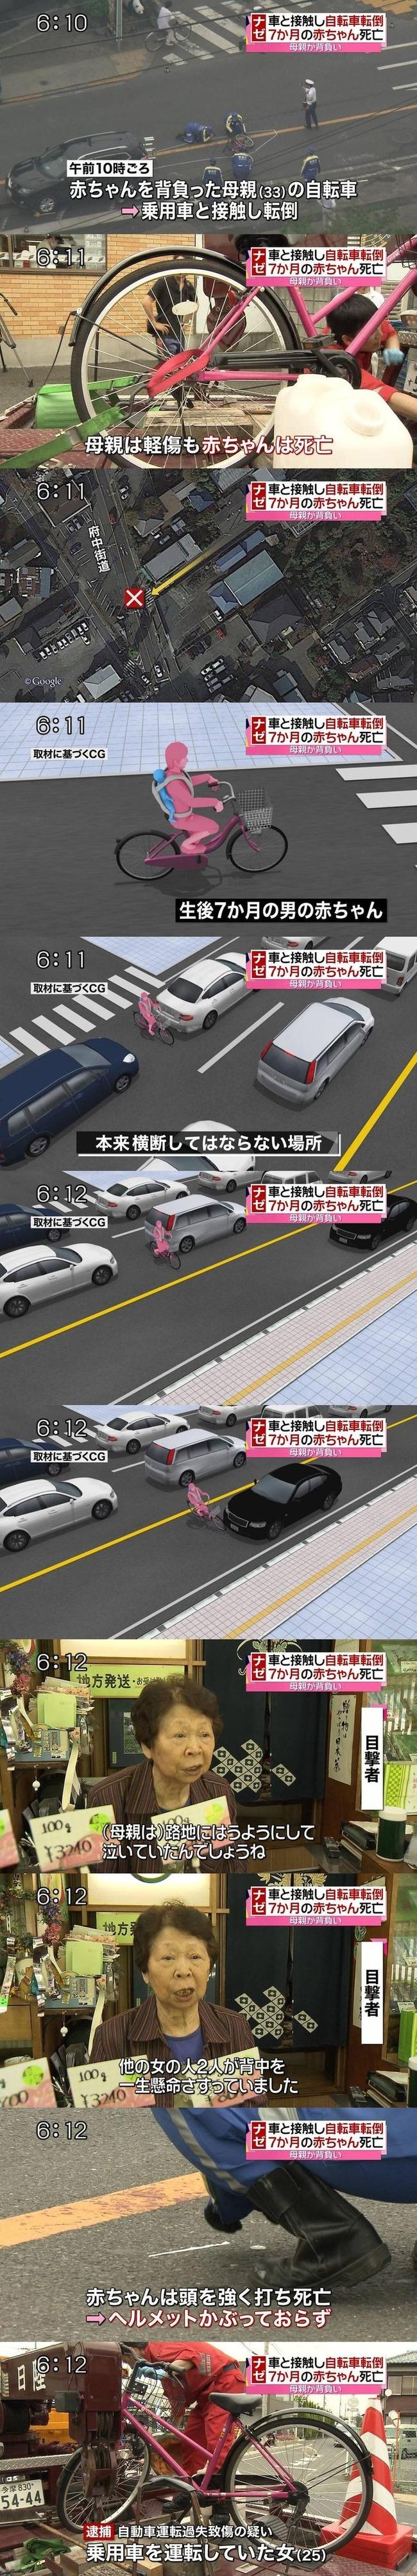 車 事故 自動運転 過失に関連した画像-02